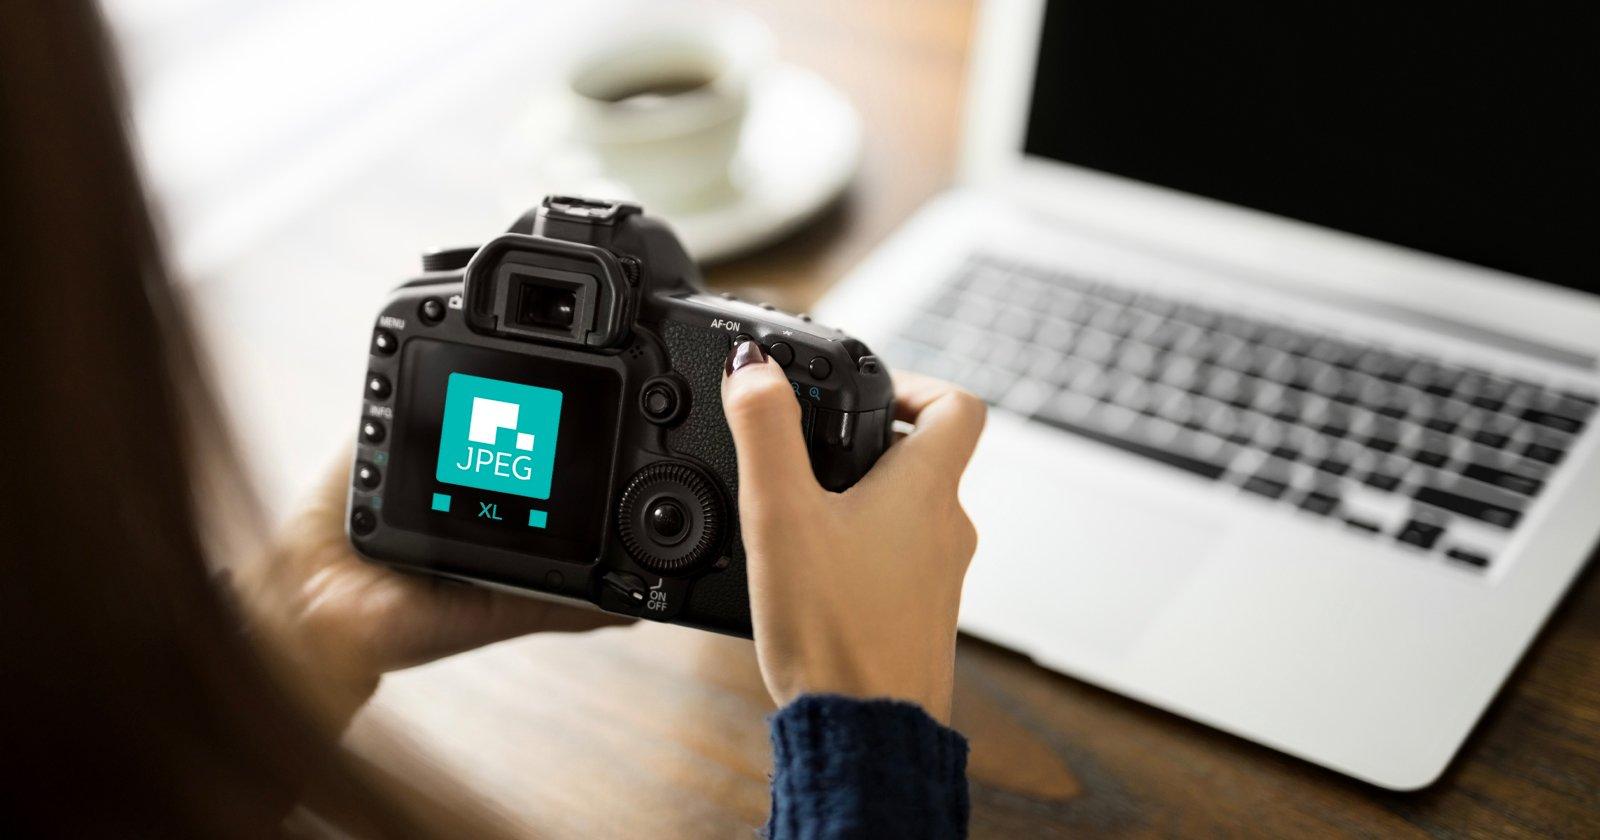 Aggiornamenti all'onnipresente JPEG Promise di risparmiare energia, migliorare la qualità